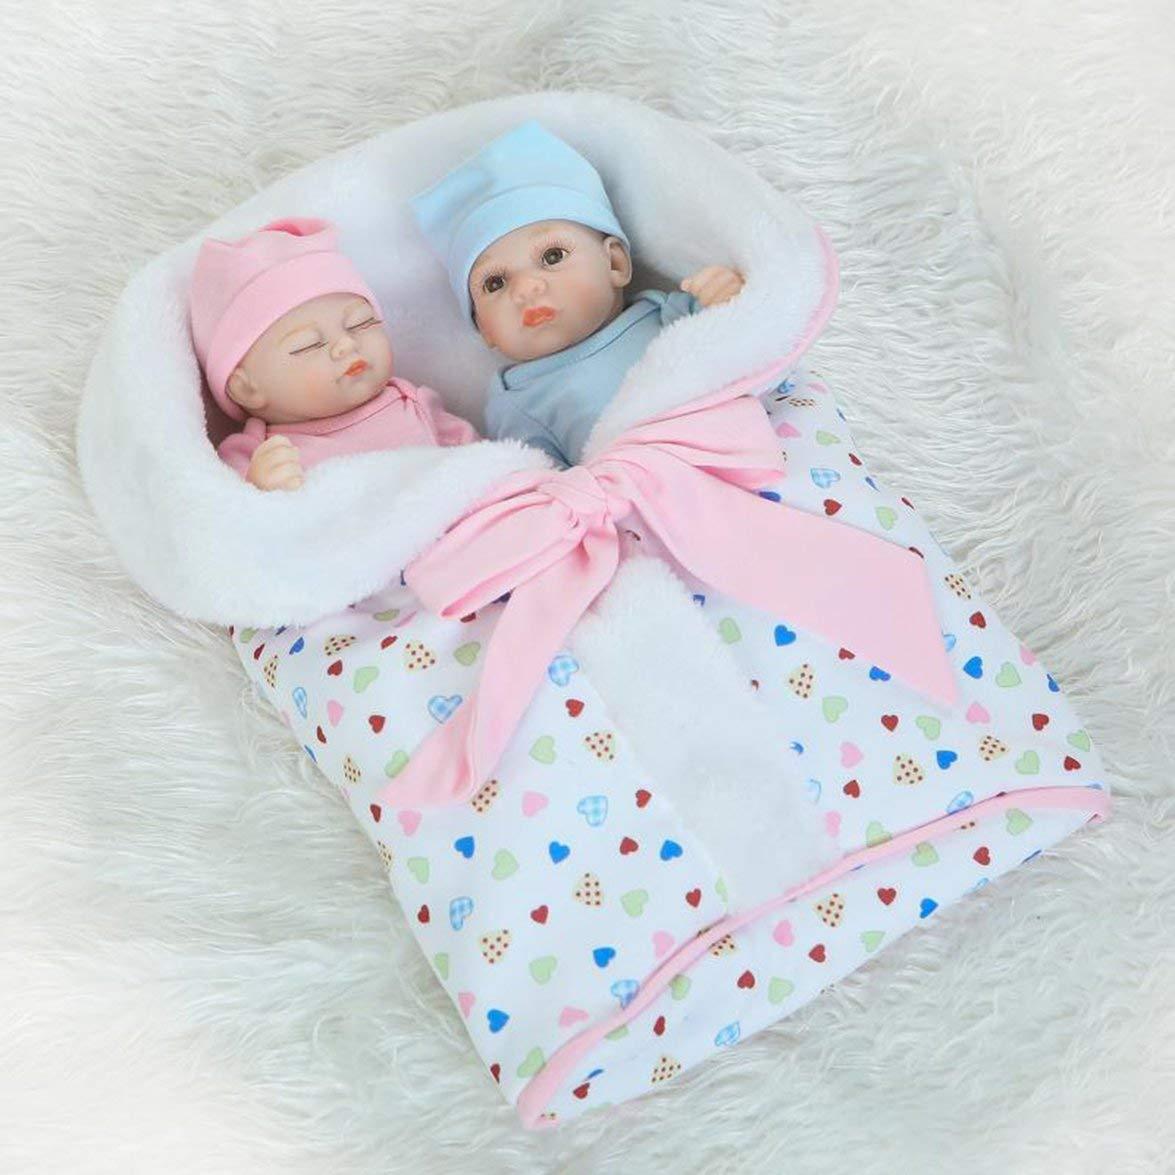 Kongqiabona 26 cm cm cm 1 para neugeborenes Baby Puppe Kinder Spielen Spielzeug lebensechte weiche silikon Vinyl Baby Puppe ungiftig Spielzeug handgefertigte Baby Puppe aecb09